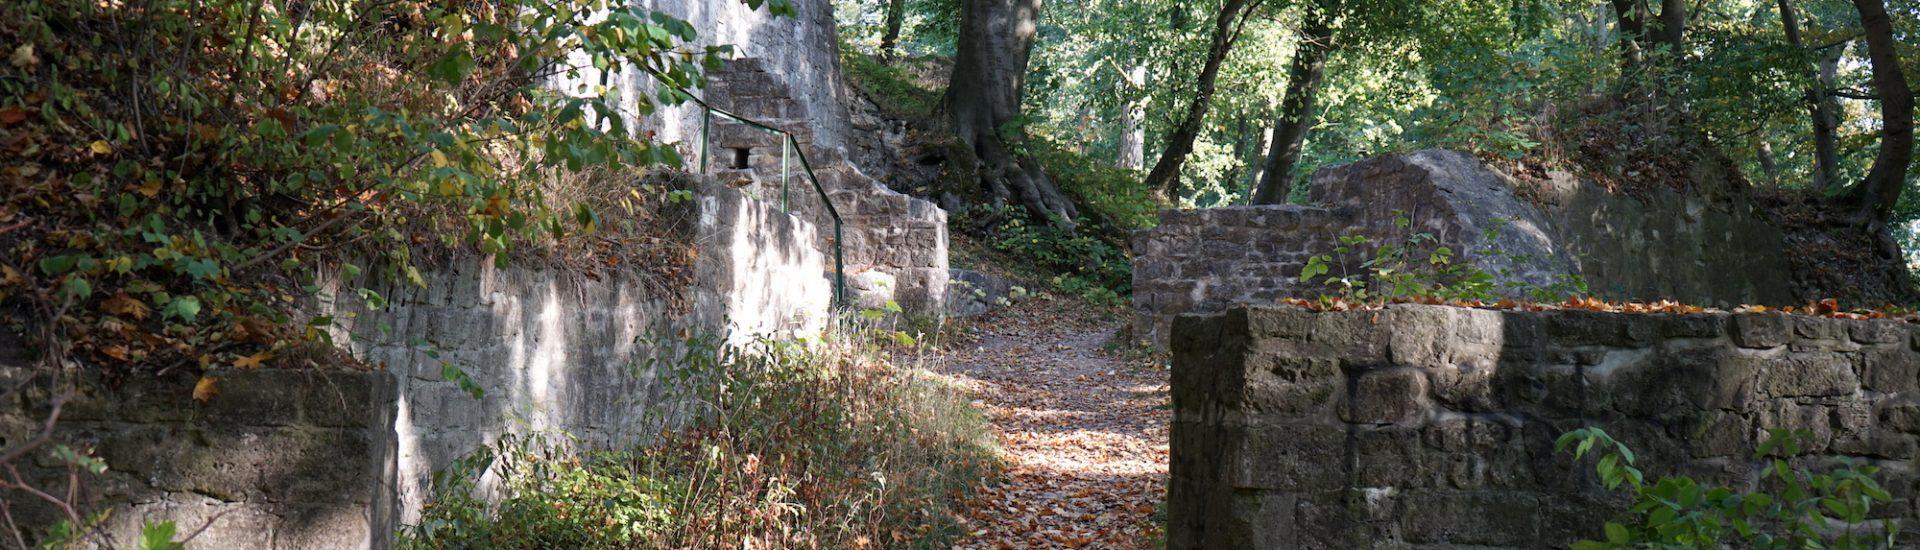 Ruine der mittelalterlichen Asseburg / Beate Ziehres